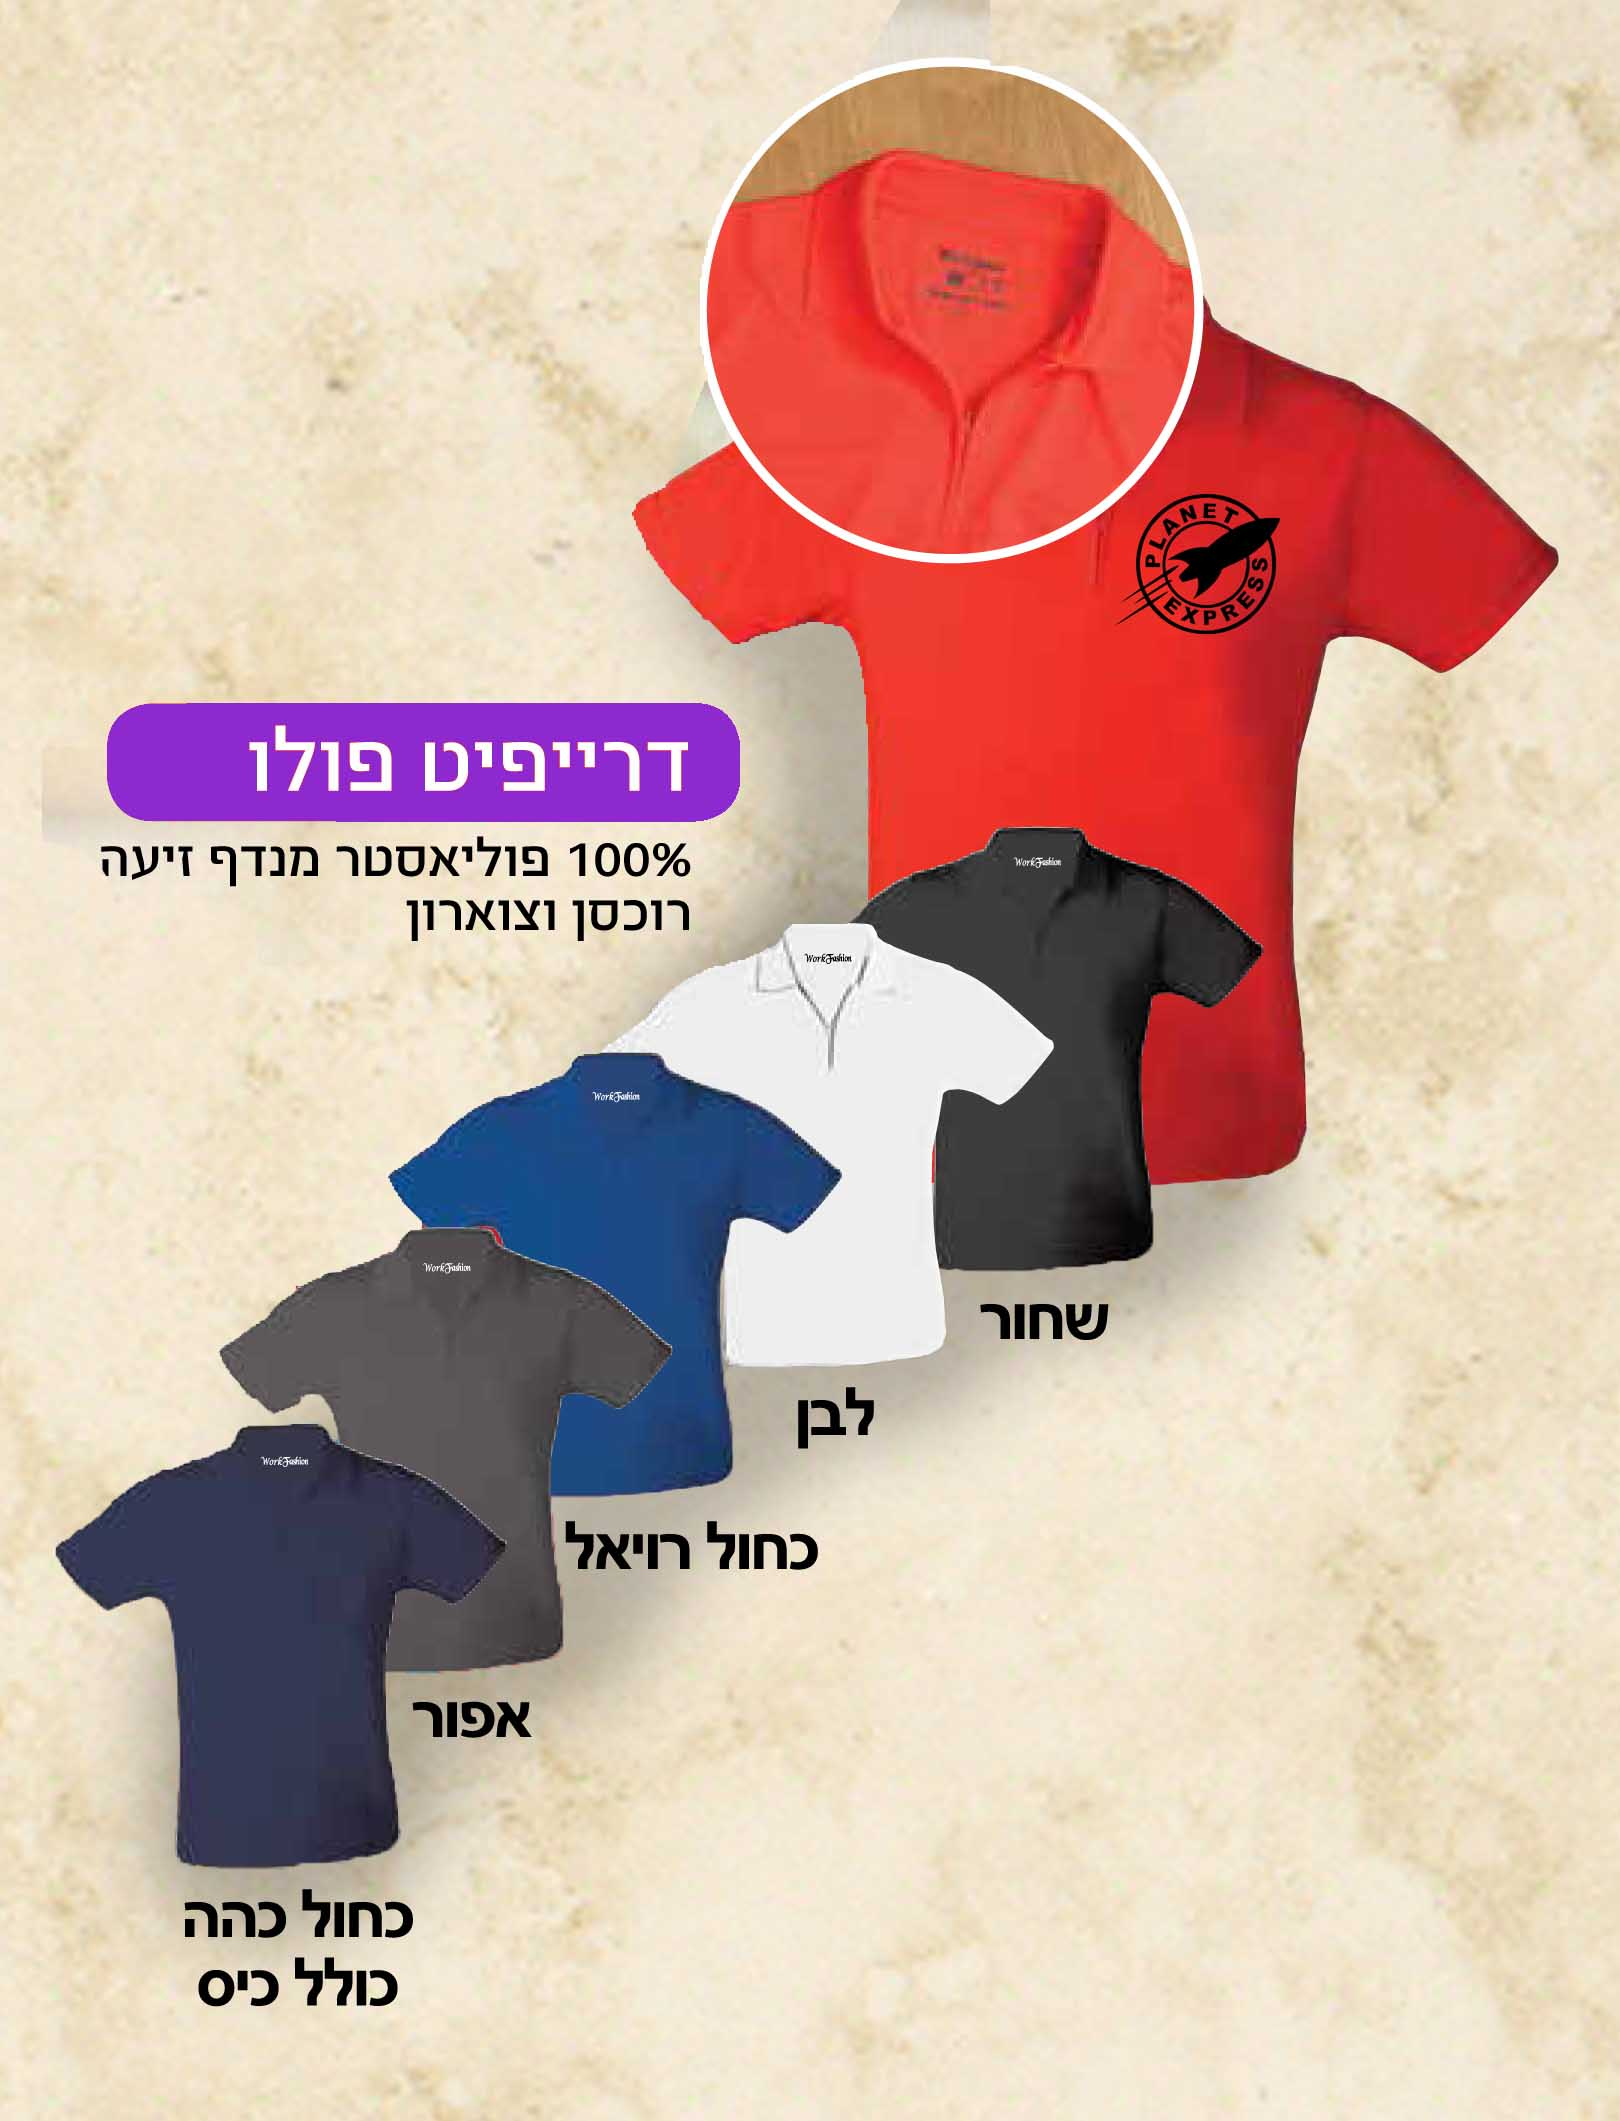 הדפסה על חולצות פולו | חולצות דרייפיט